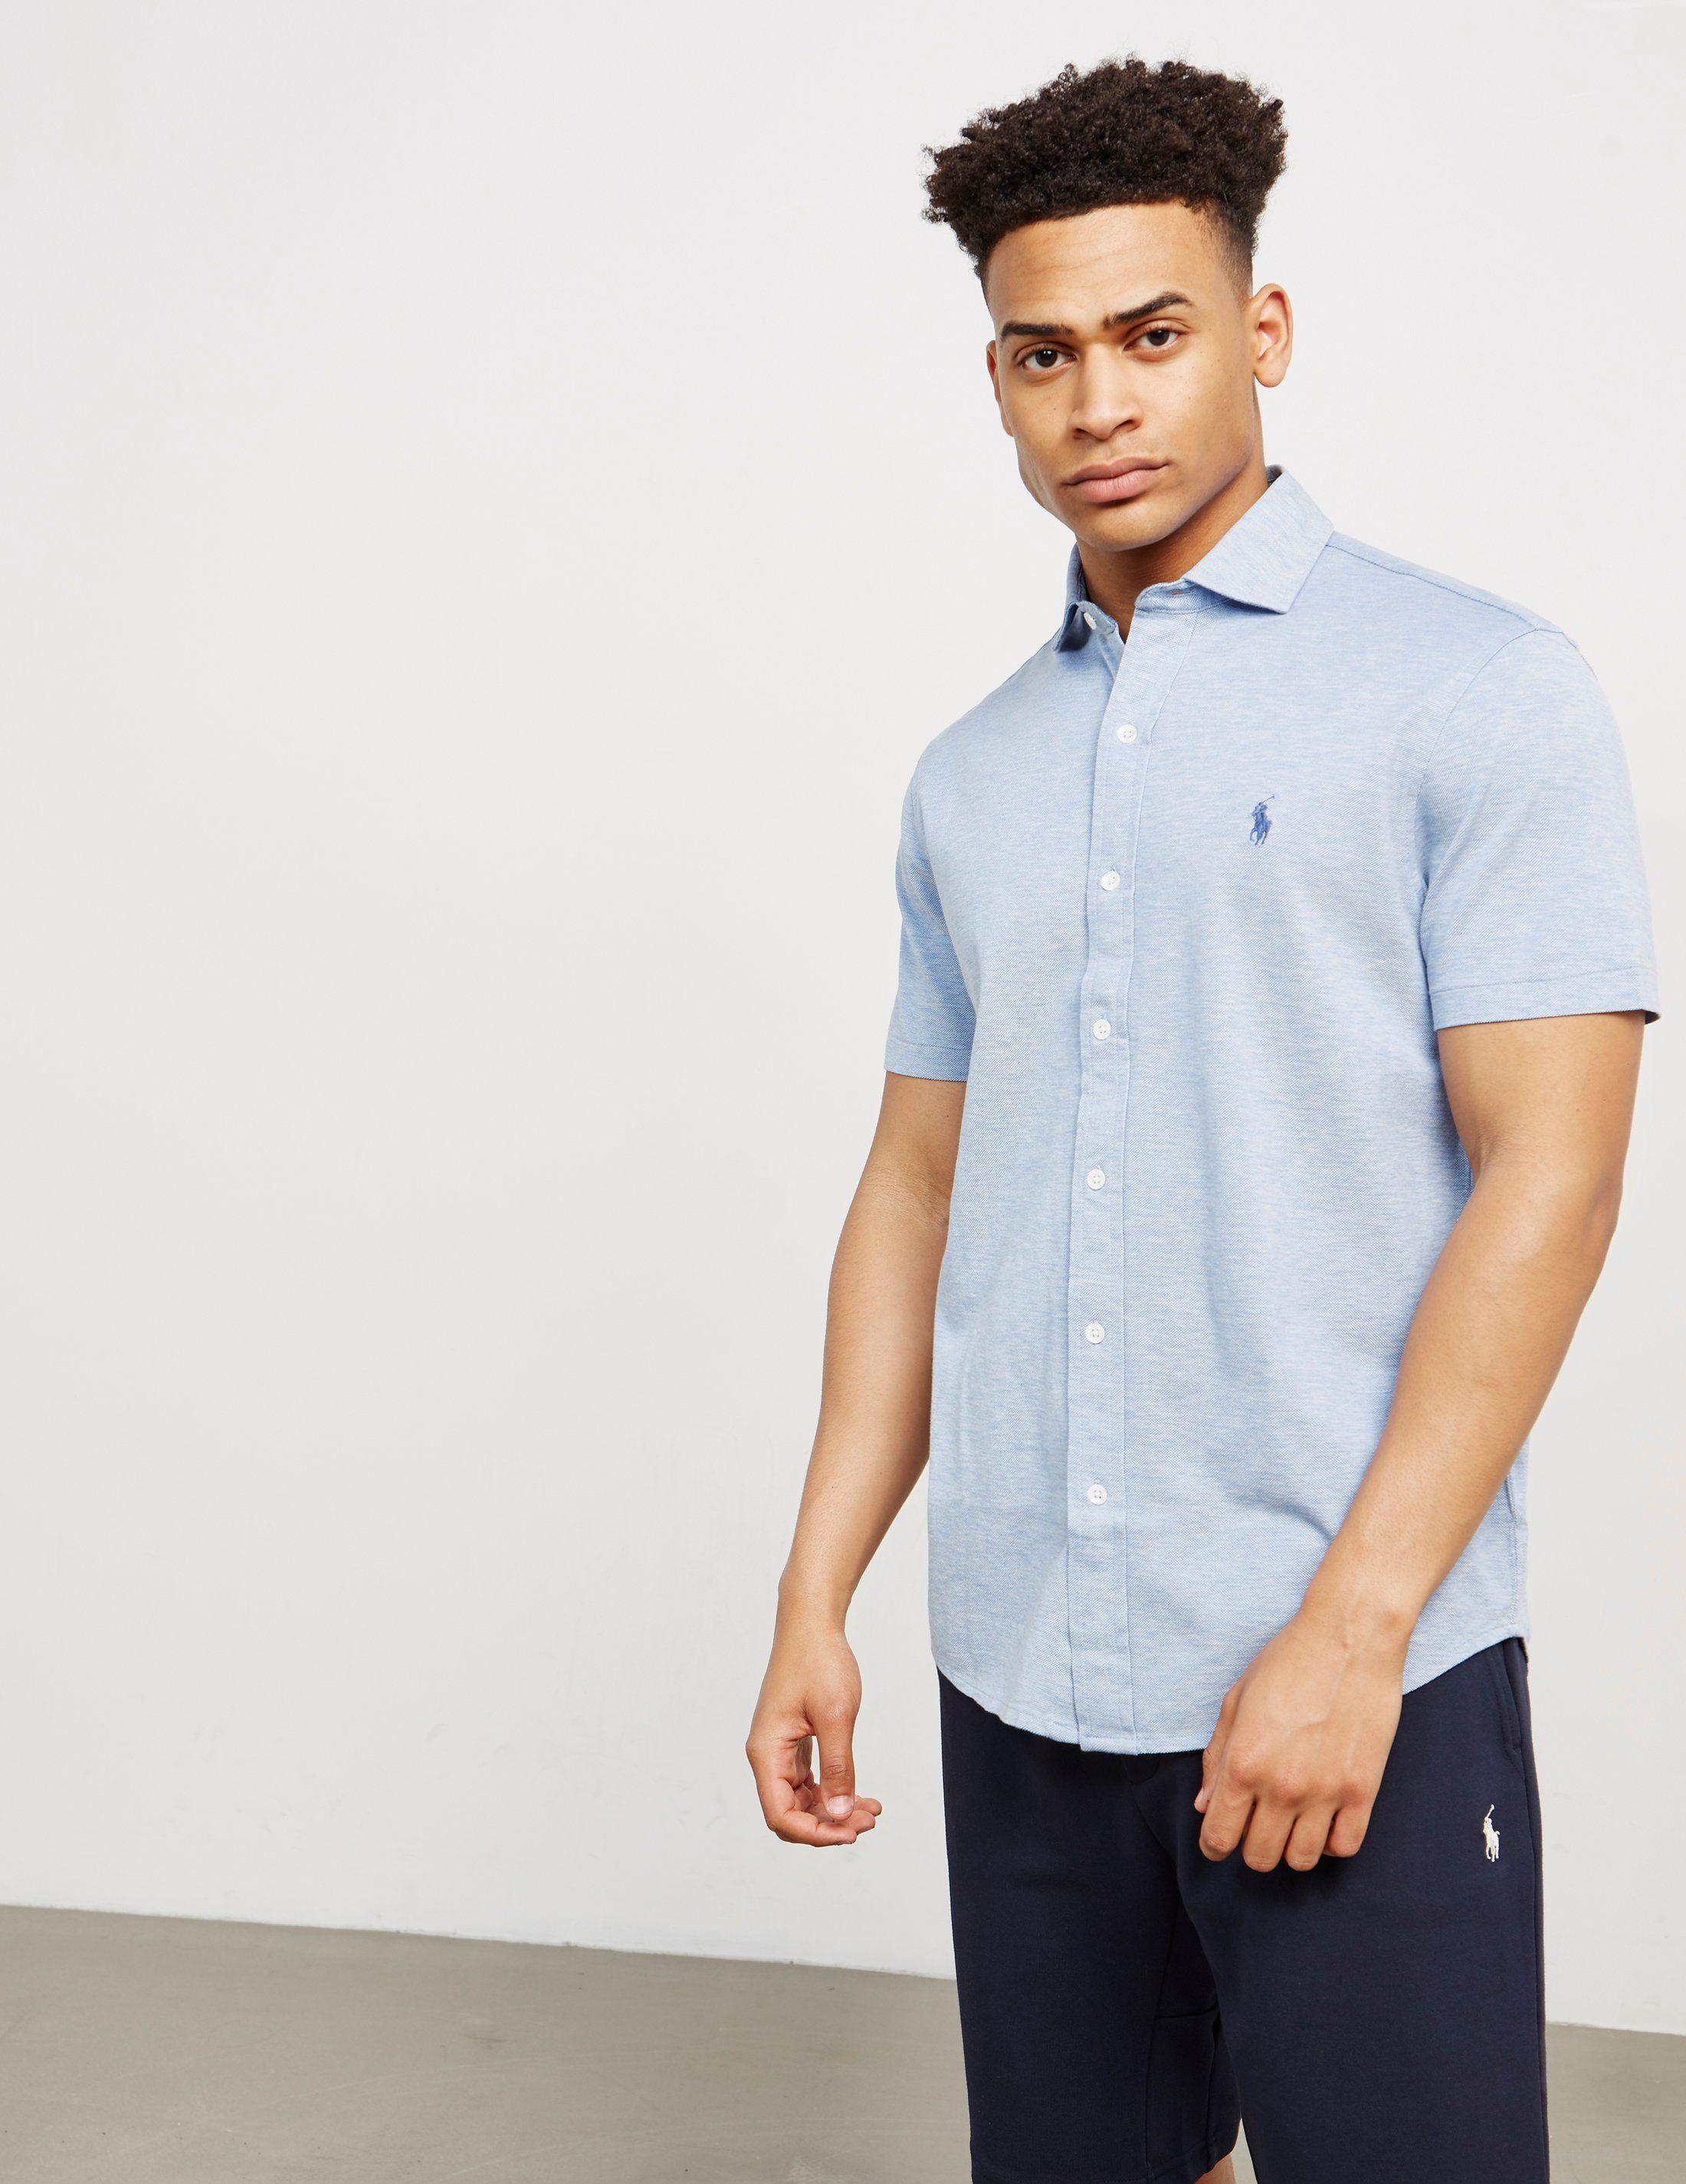 Utmerket Polo Ralph Lauren Pique Short Sleeve Shirt | Tessuti BS-31